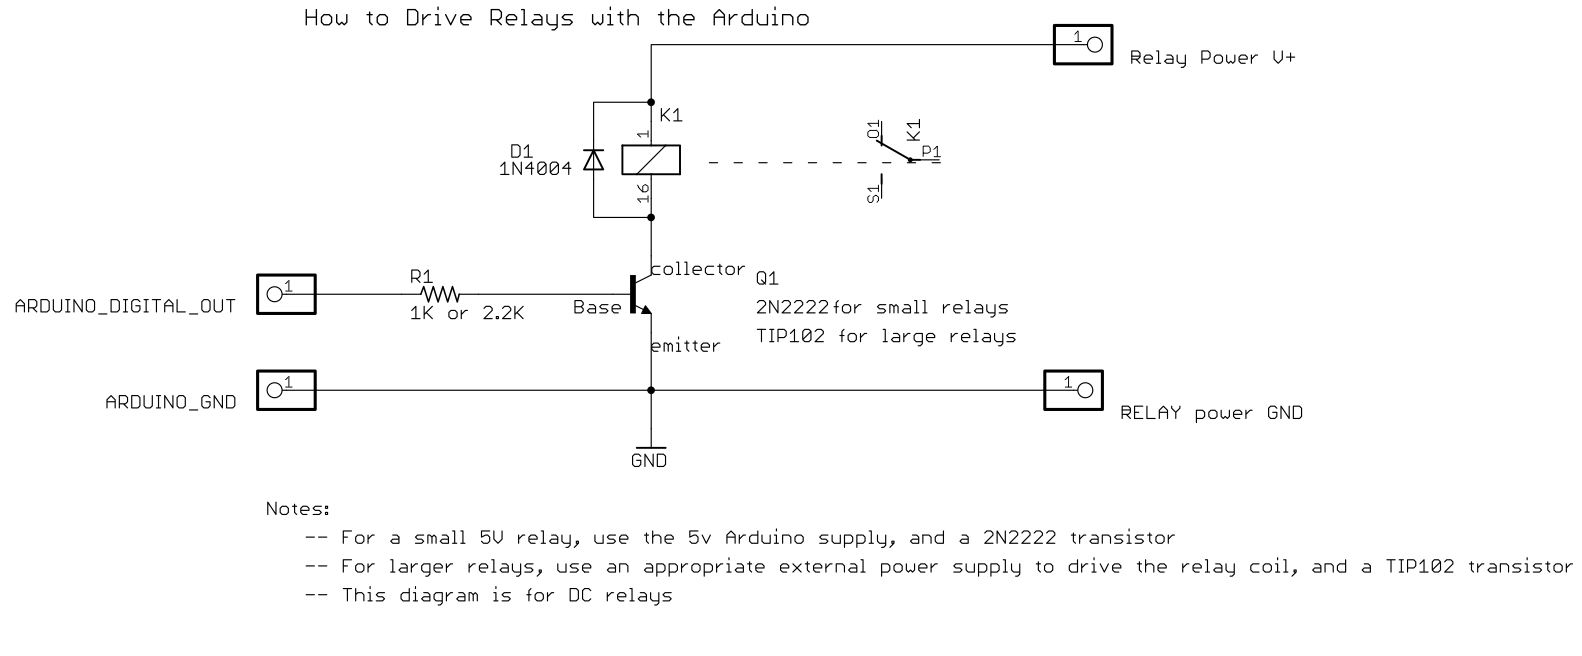 lm335 arduino 33v - esfindeeneu